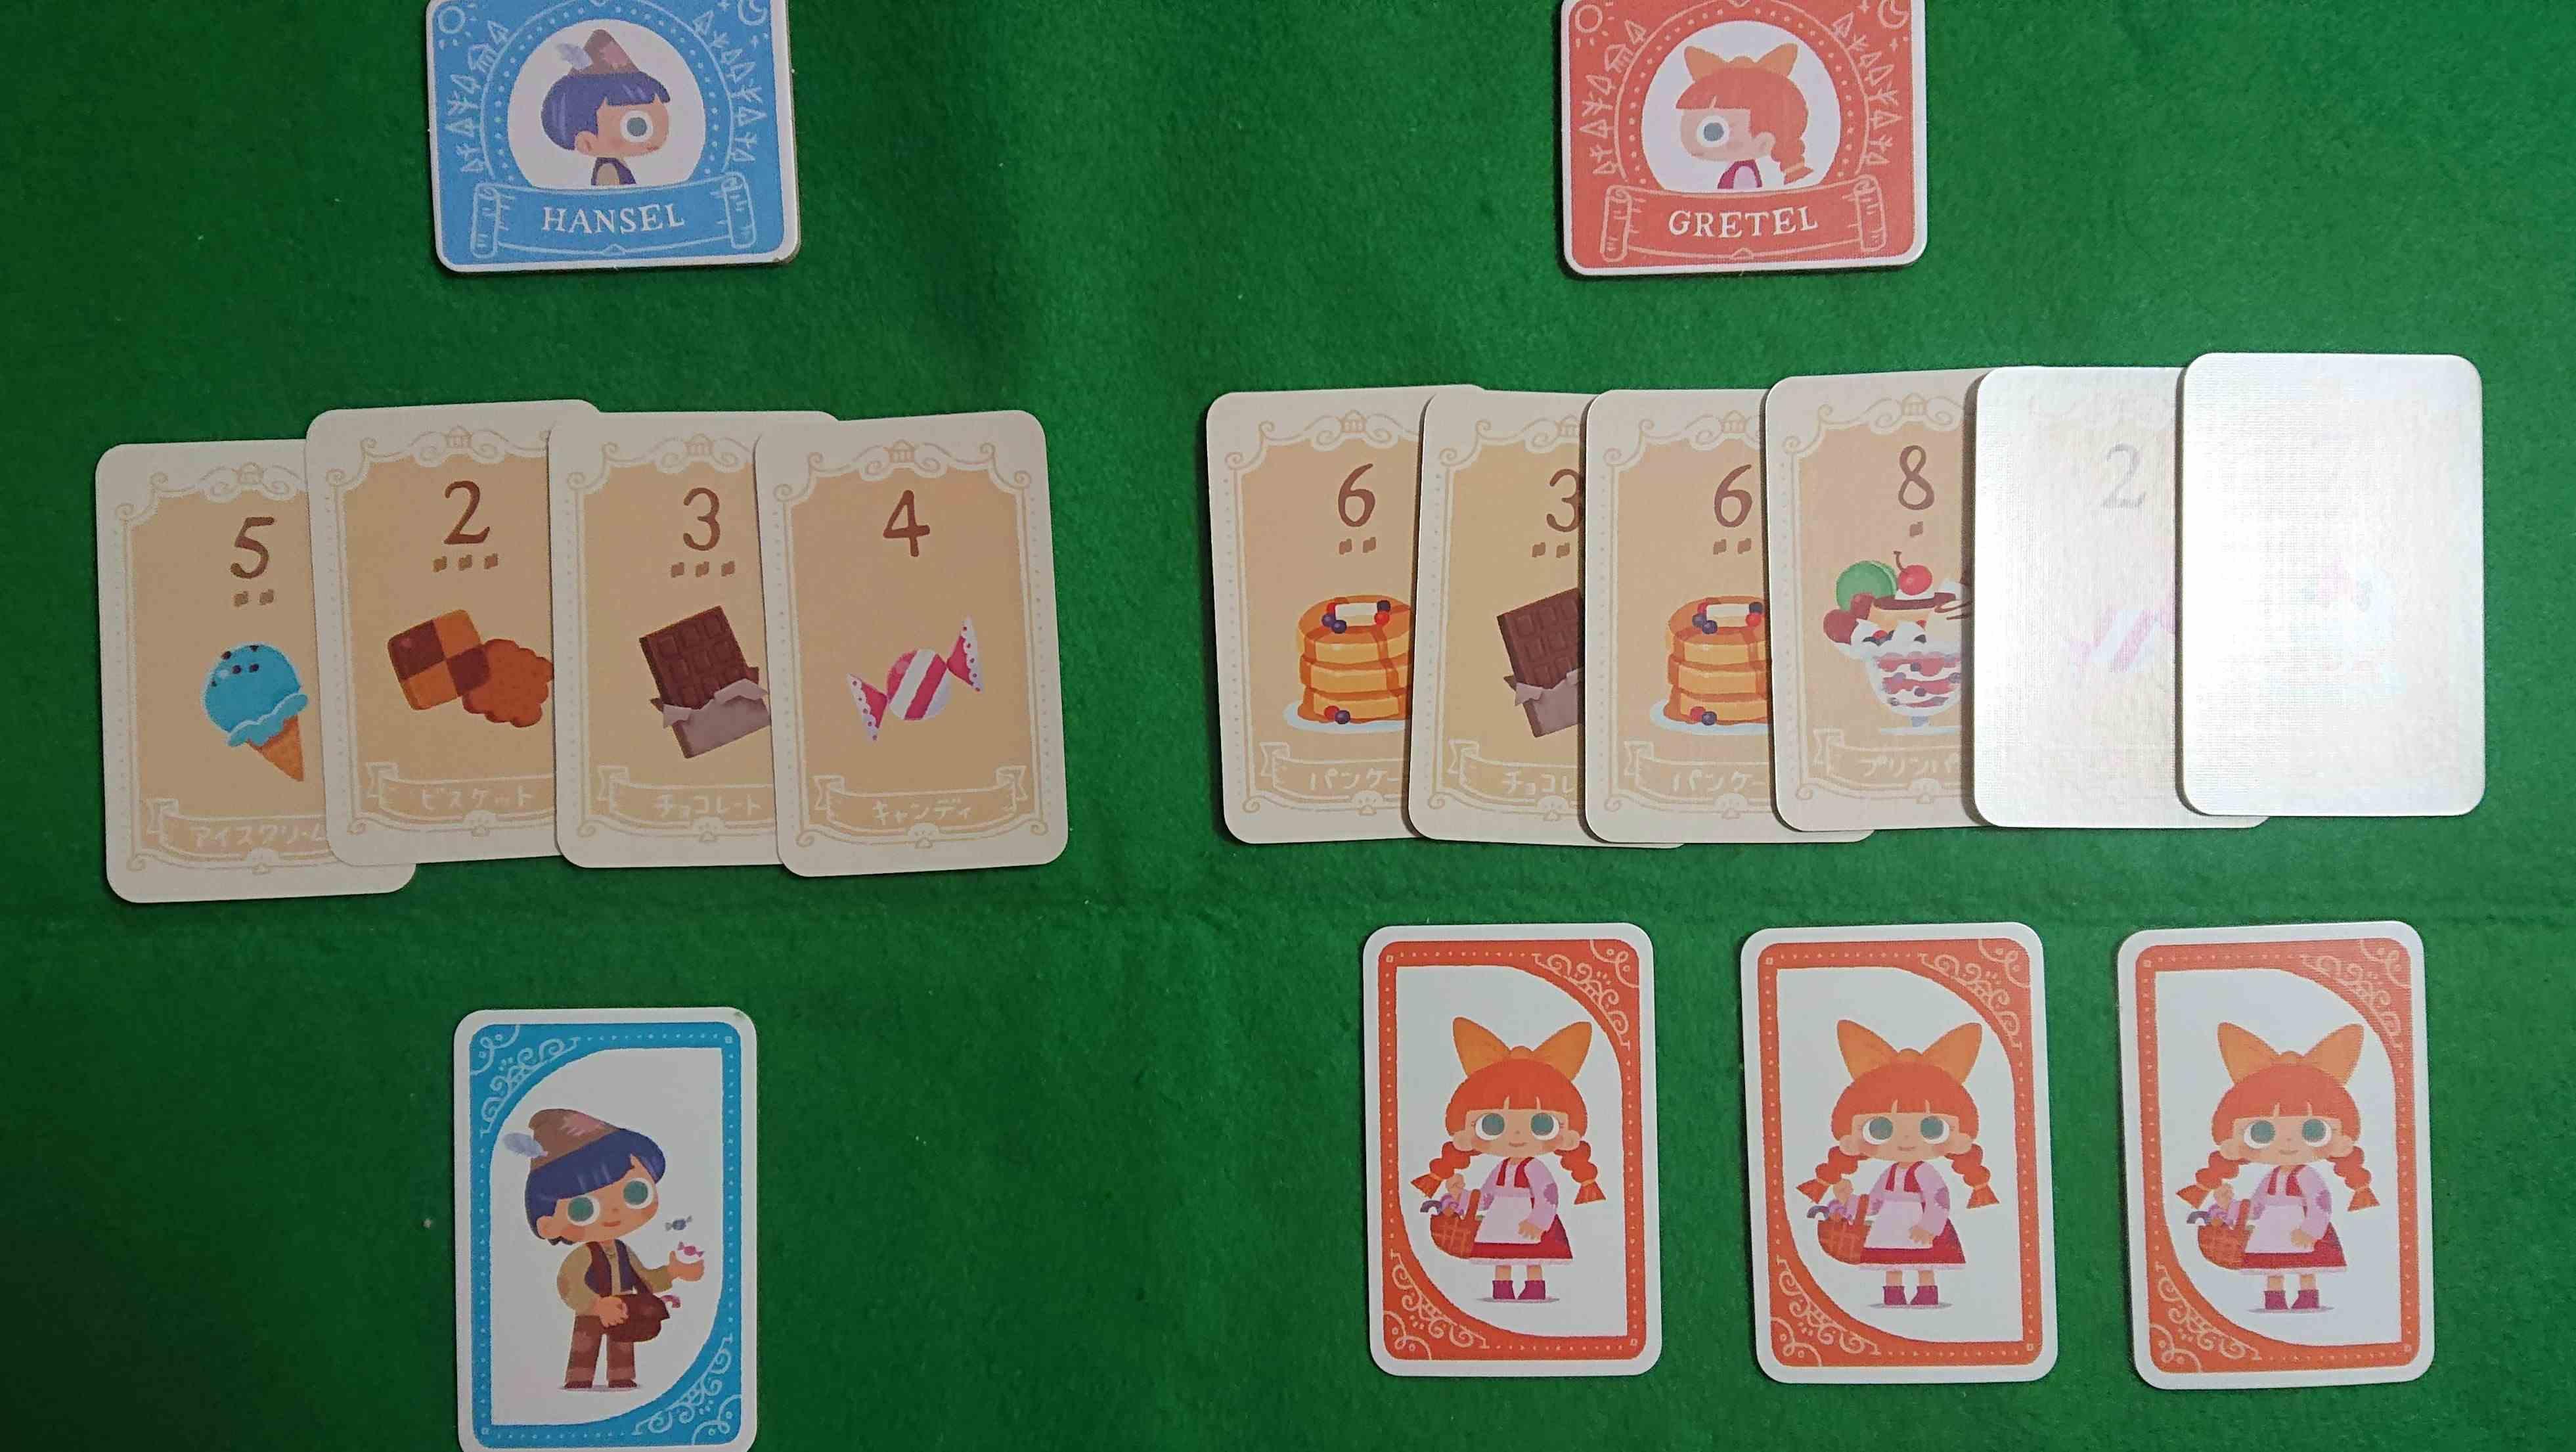 ヘンゼルかグレーテル どっちのお菓子をもらおうか?悩みます・・・ カードゲーム ボードゲーム